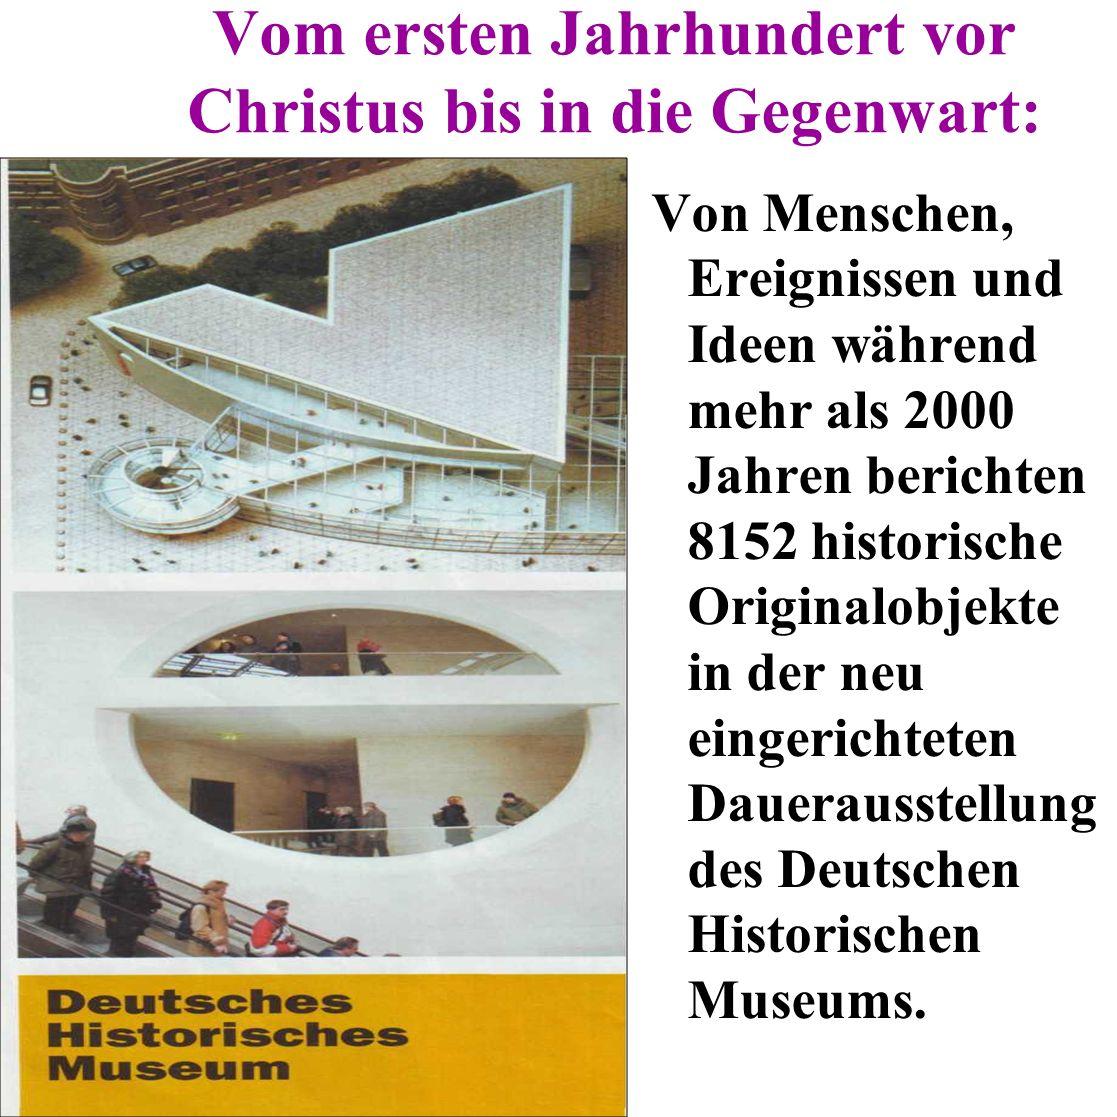 Vom ersten Jahrhundert vor Christus bis in die Gegenwart: Von Menschen, Ereignissen und Ideen während mehr als 2000 Jahren berichten 8152 historische Originalobjekte in der neu eingerichteten Dauerausstellung des Deutschen Historischen Museums.